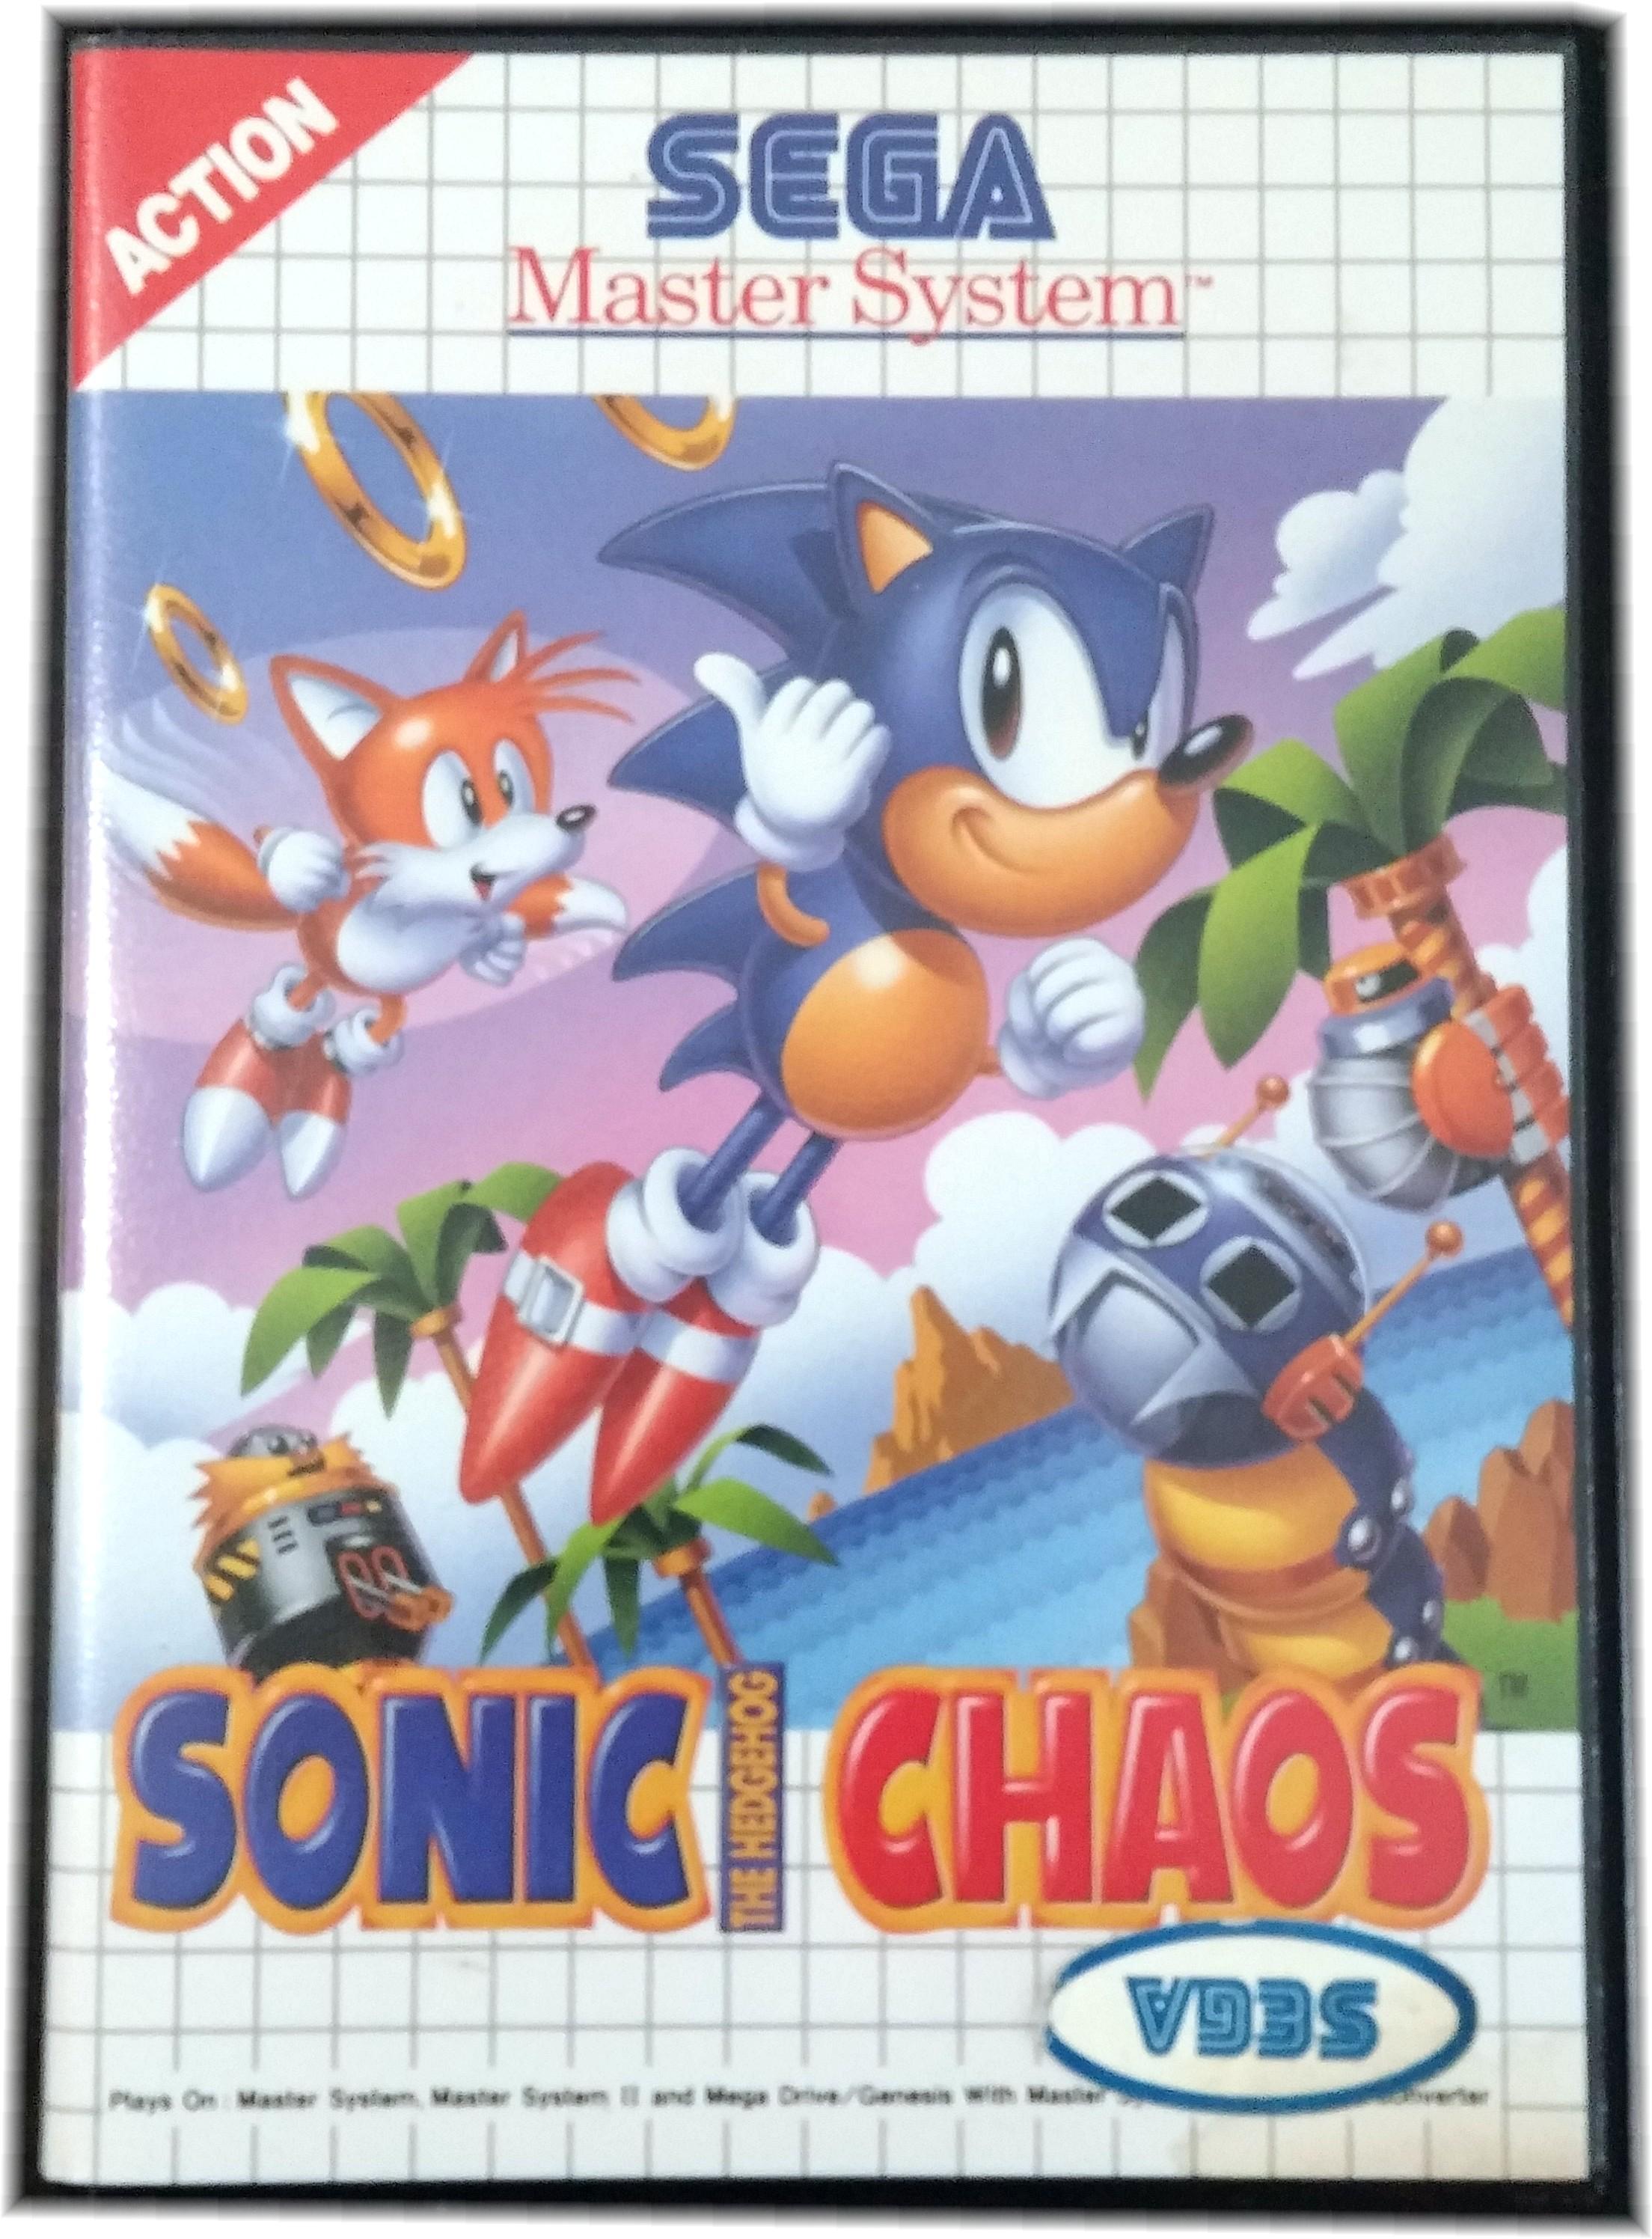 Sonic Videospiele